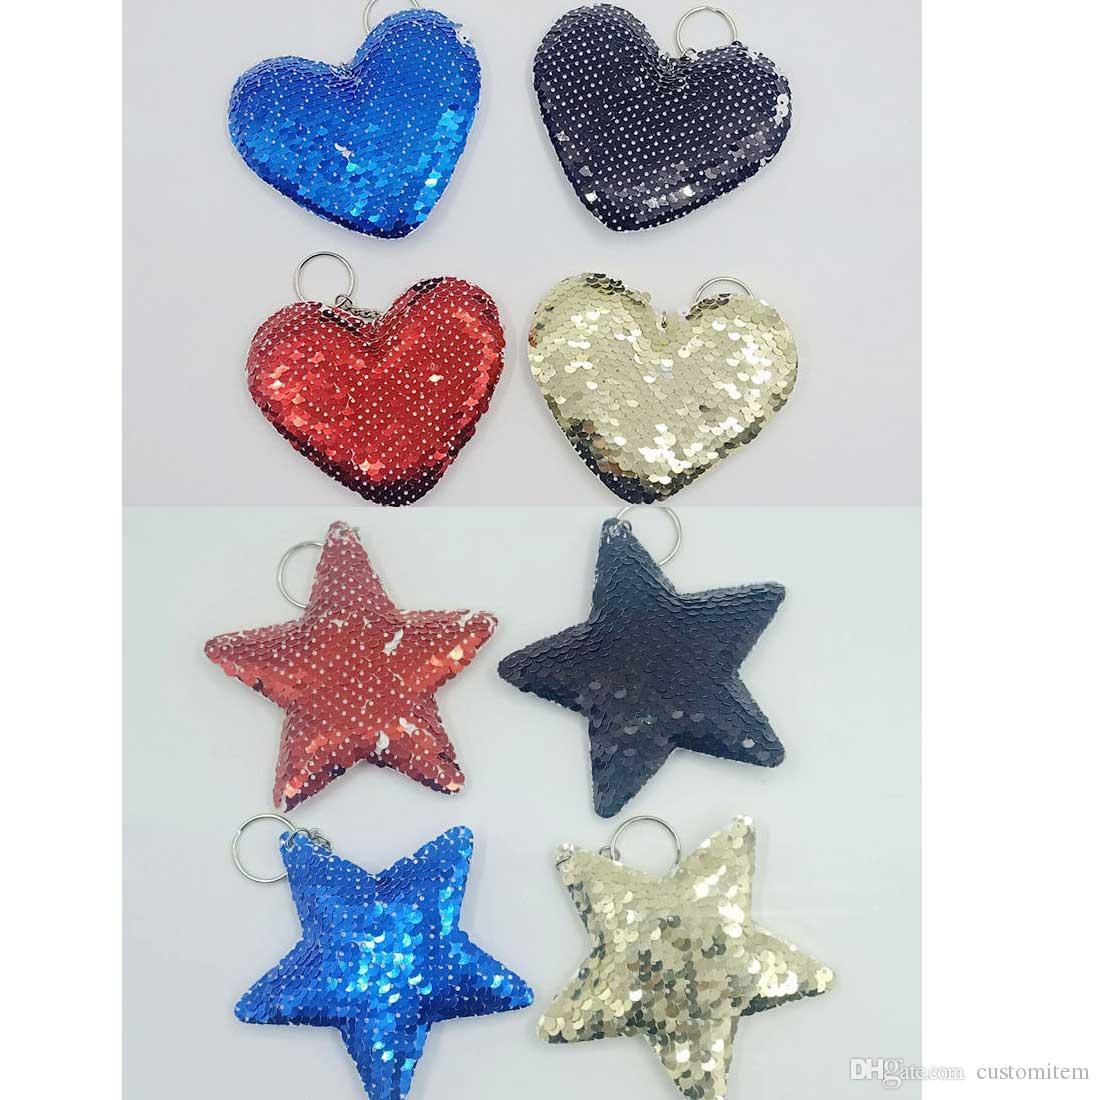 sublimazione paillettes cuore vuoto cinque stelle forma bag Decorazione decorazione di trasferimento a caldo stampa consumabili nuovo arrivo